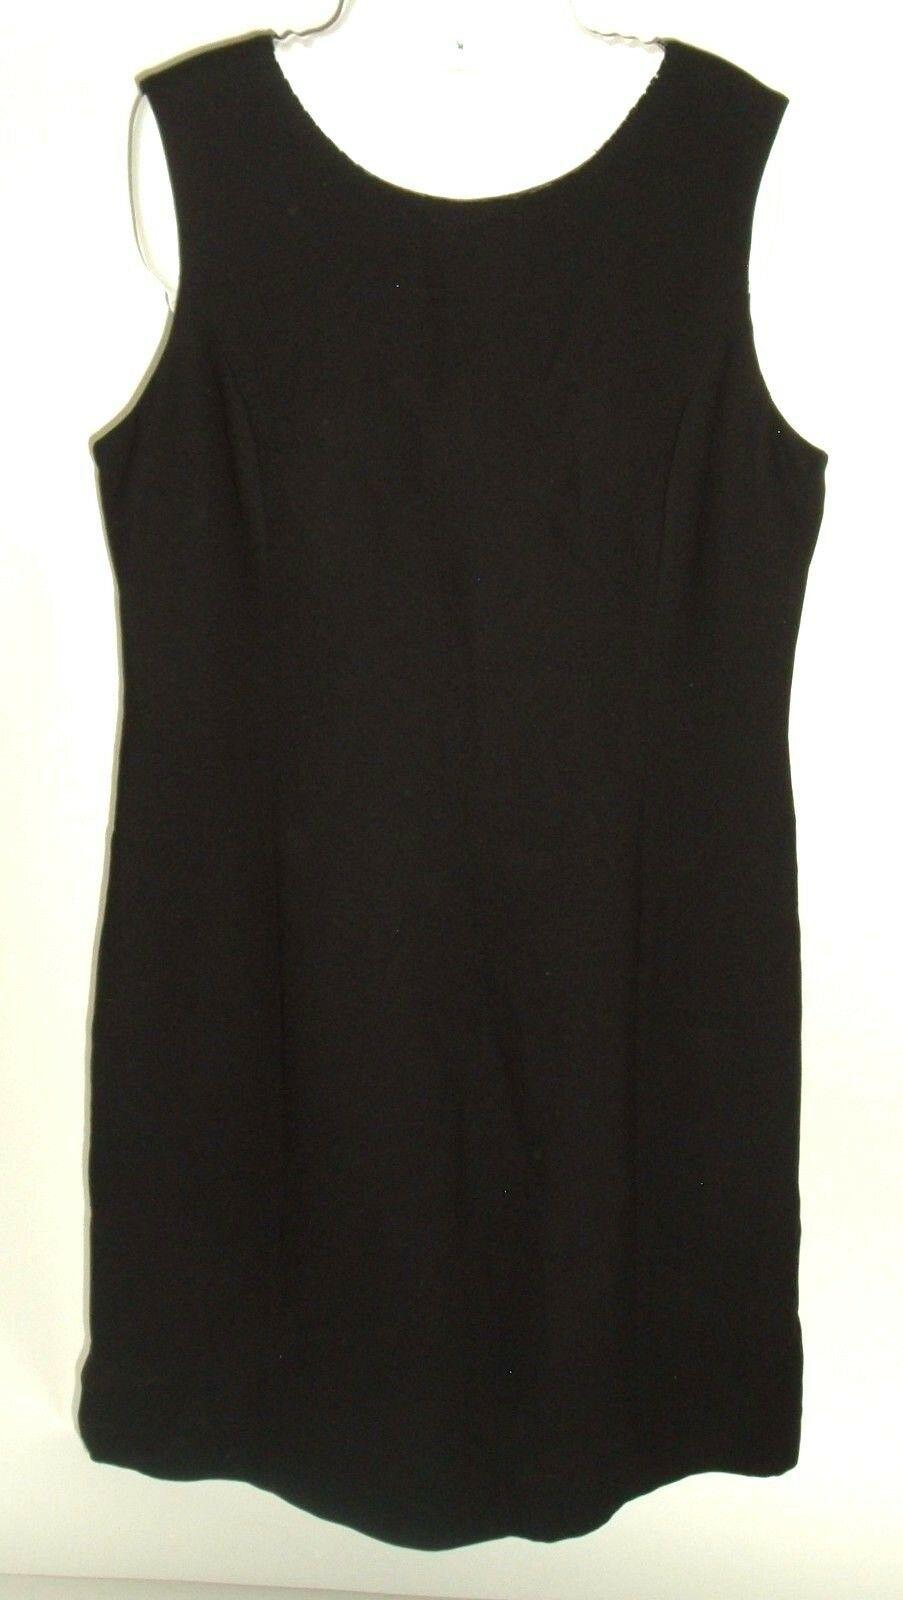 Women's Petite Sophisticate Black Shift Dress Sz 12 Vtg 90s LBD Beaded Neckline